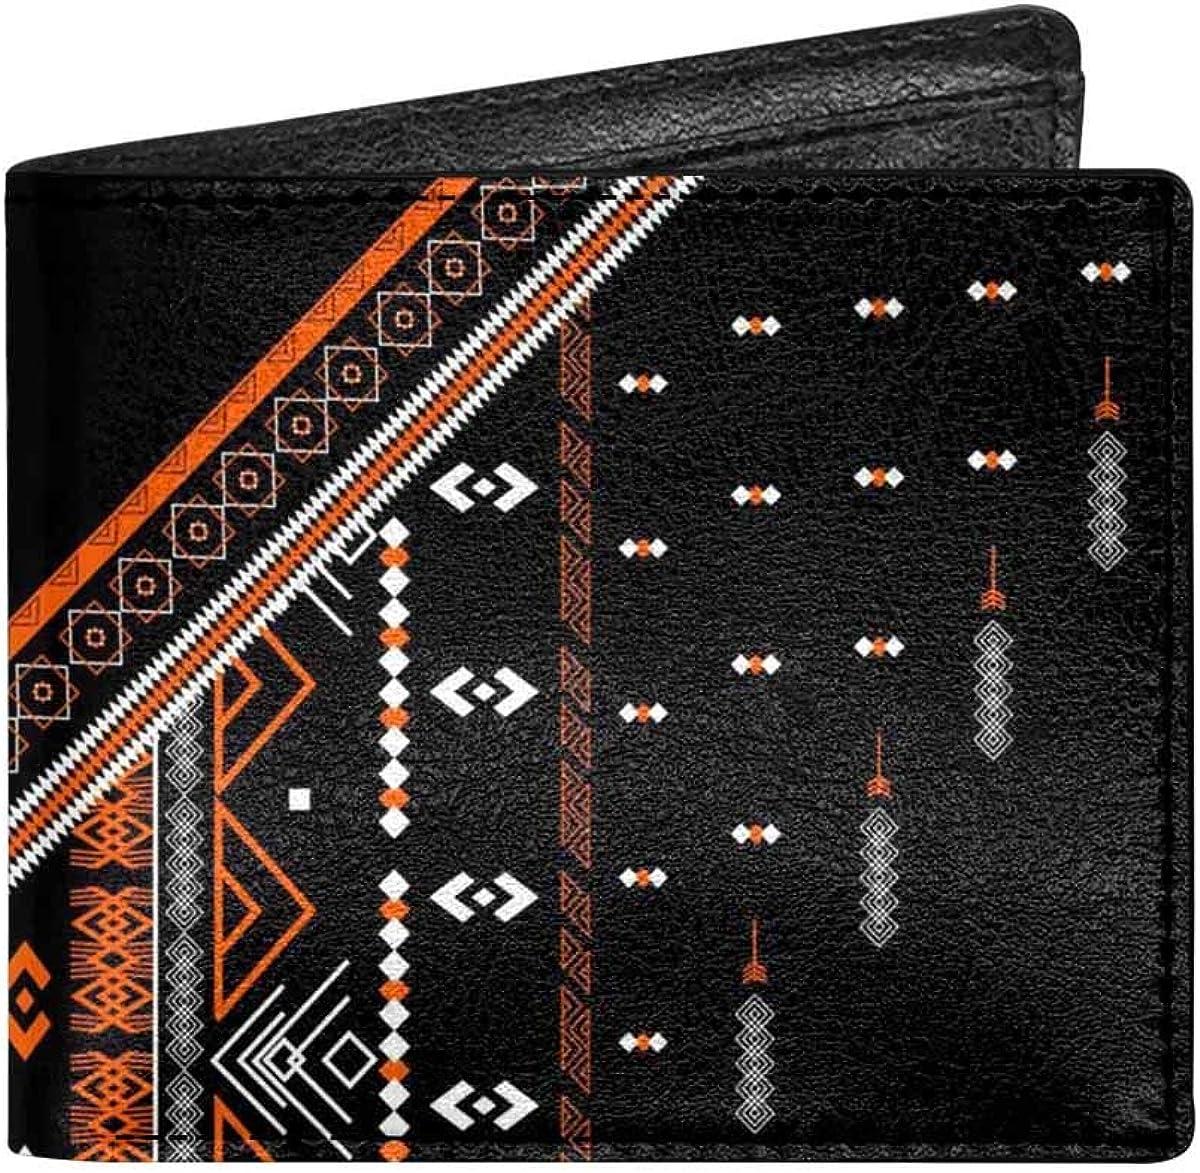 INTERESTPRINT Aztec Geometric Art Print Bifold Wallet Unisex Wallet Card Wallet Coin Purse